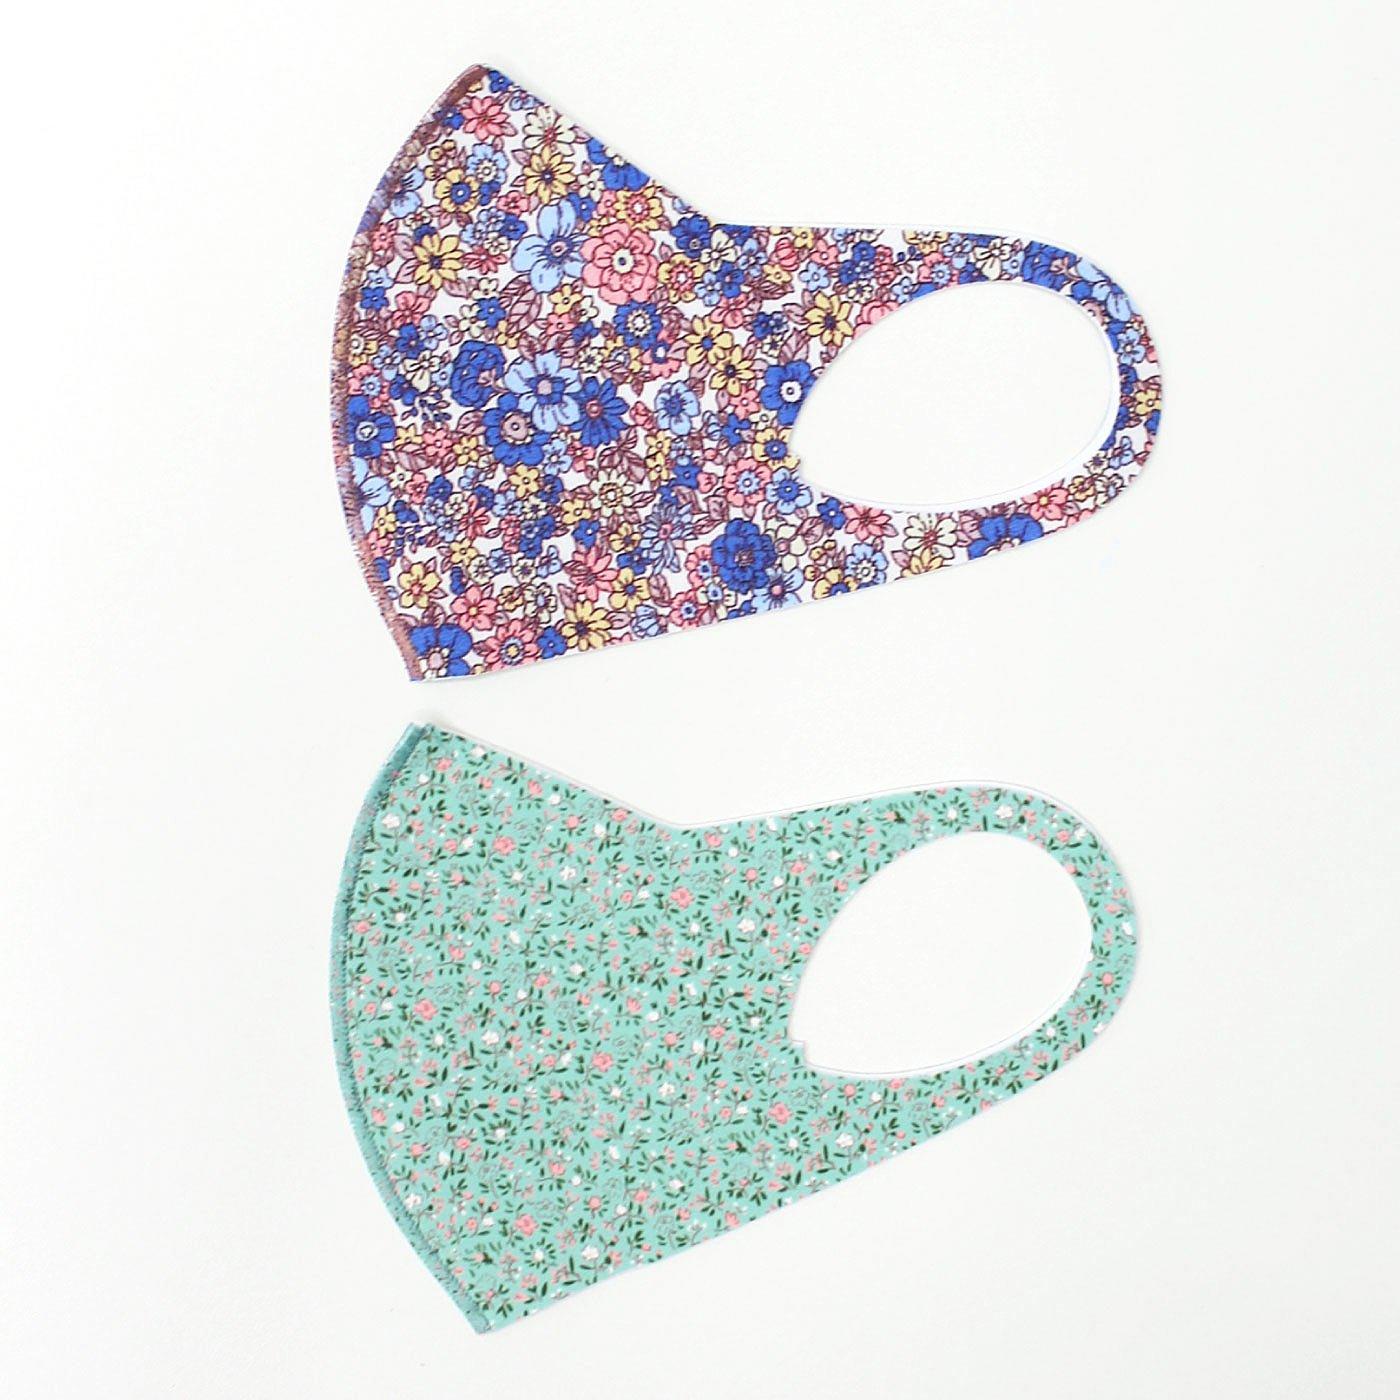 【3~10日でお届け】【WEB限定】IEDIT[イディット] つけると気持ちが明るくなりそうな 小花柄がかわいいプリント布マスク